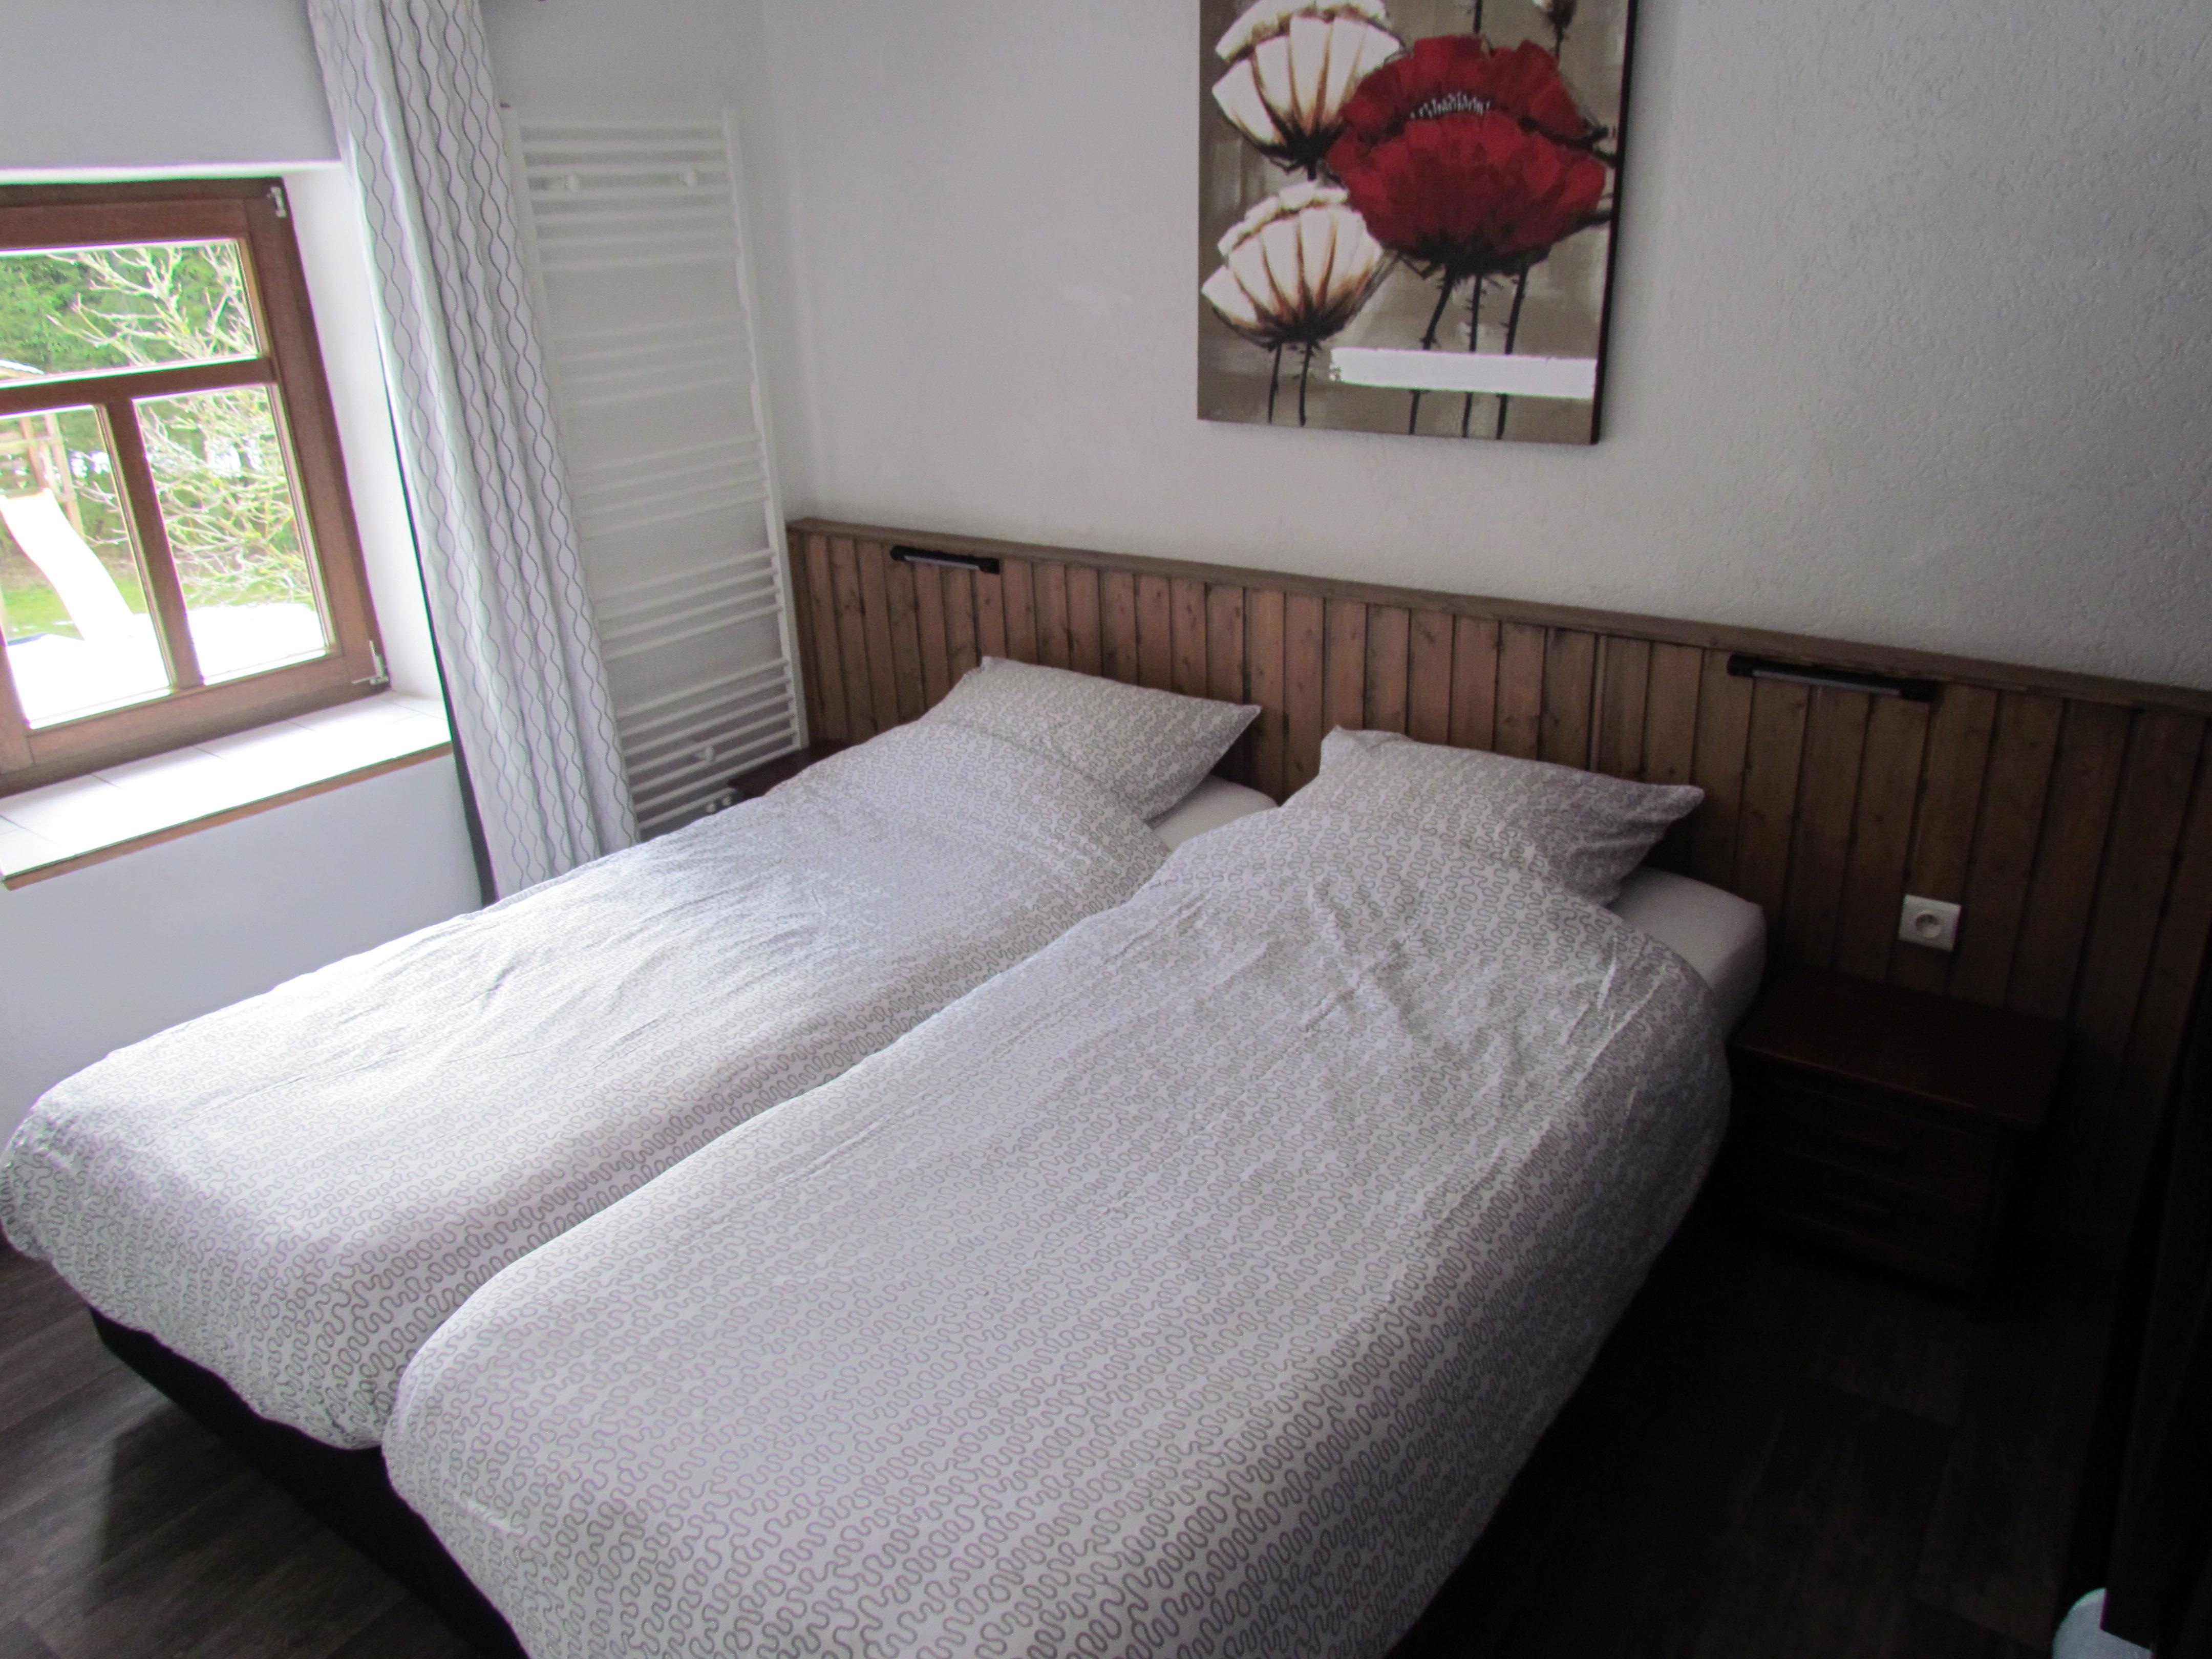 slaapkamer3 gr.